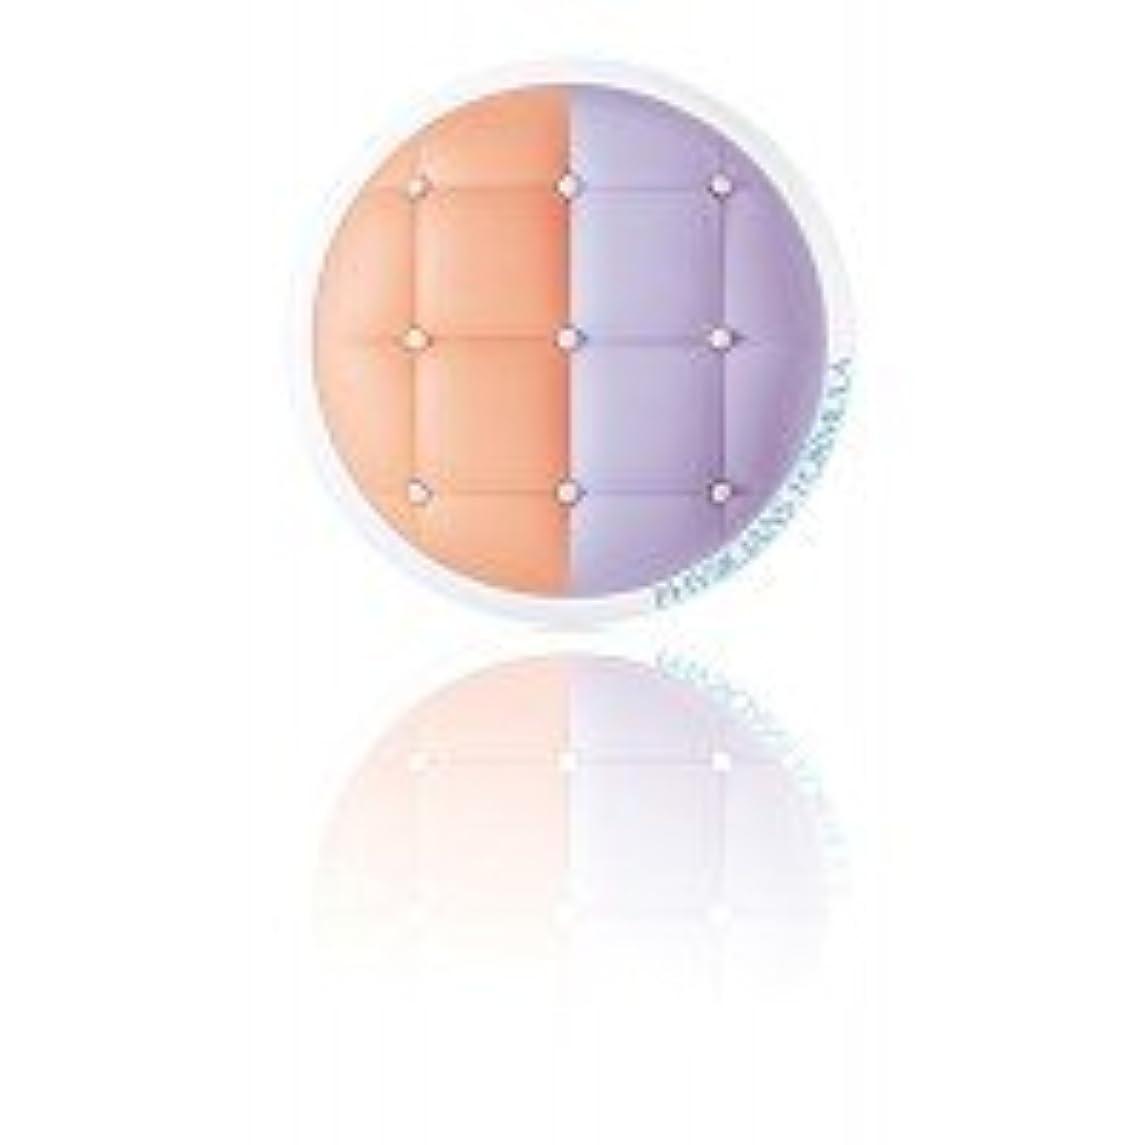 見込み小川ターゲットミネラルウェア クッションコレクター+プライマーデュオ Peach/Lavender MCC02